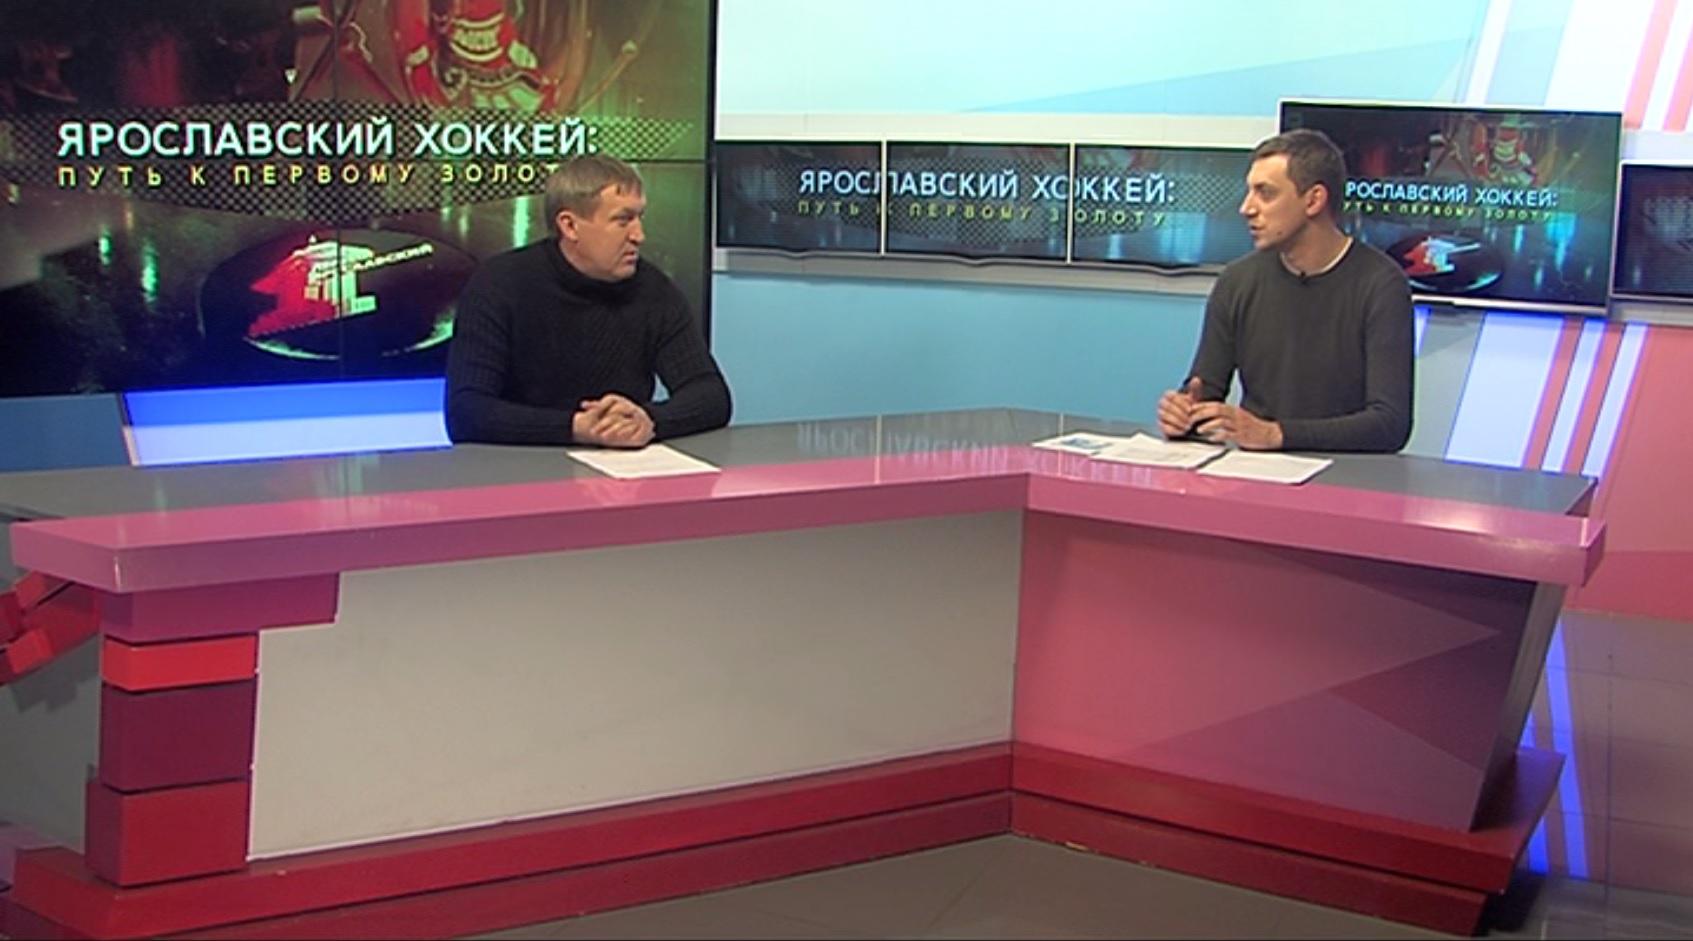 «Первый Ярославский» начал съемки проекта «Ярославский хоккей: путь к первому золоту»